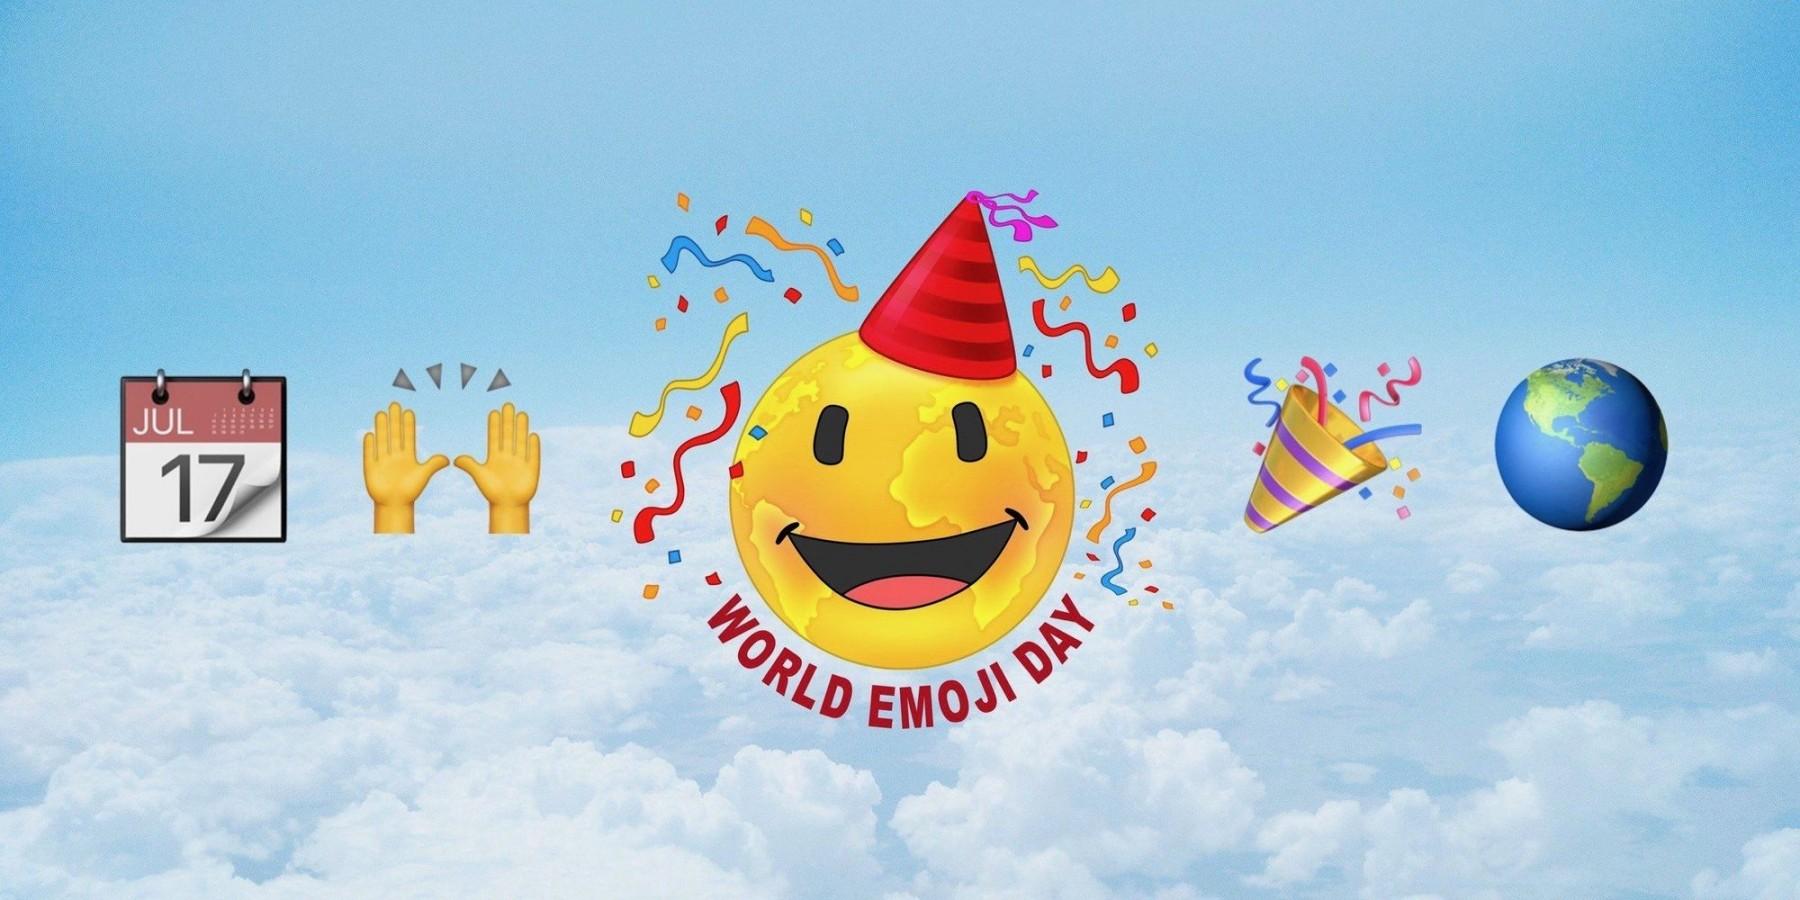 世界表情符号日